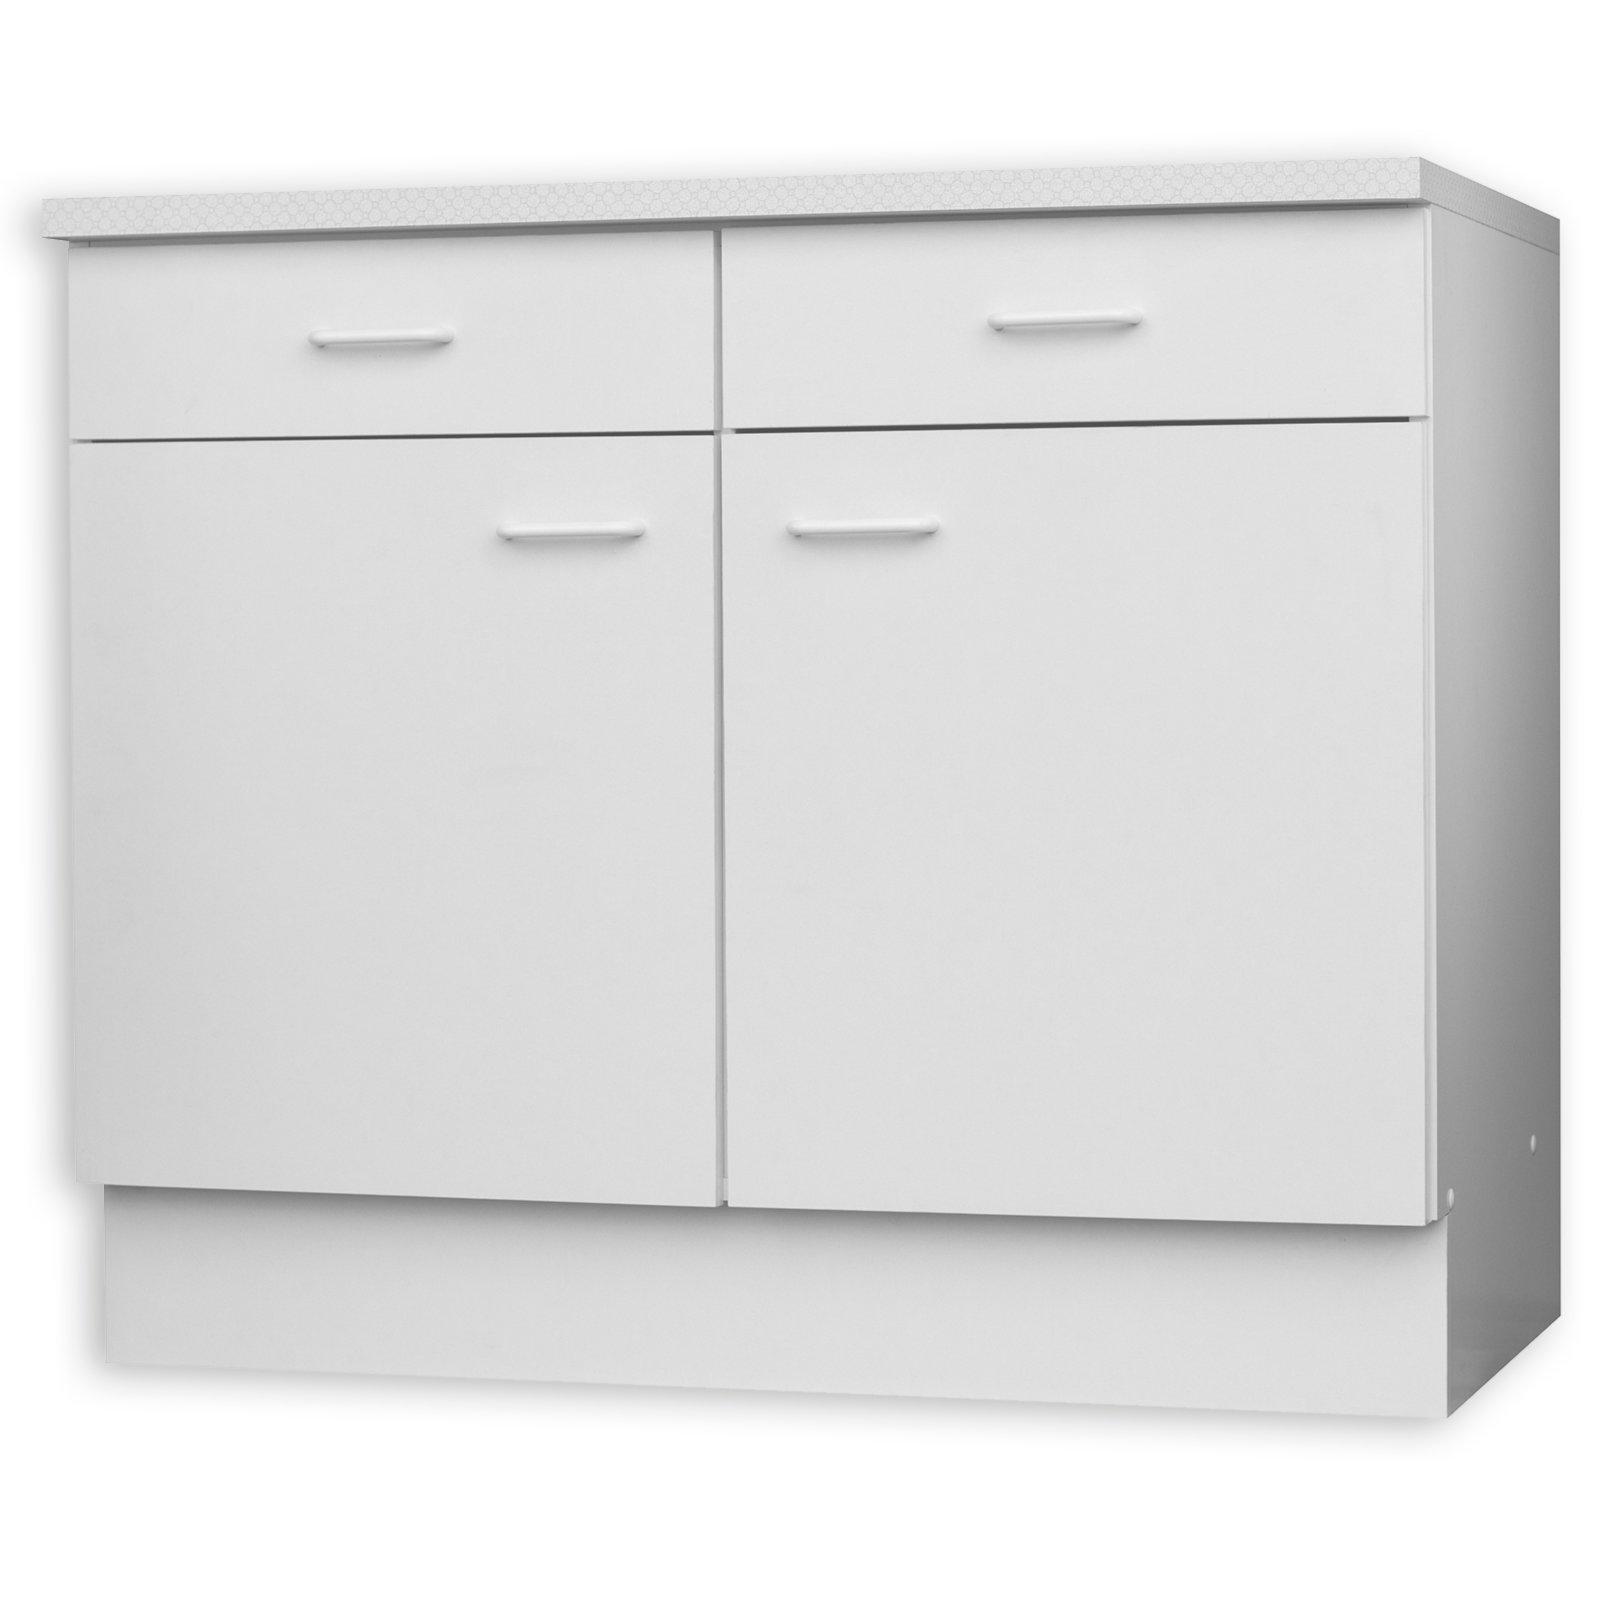 ROLLER Schubkasten-Anrichte Wien - weiß - 50x60 cm | Möbel preiswert ...